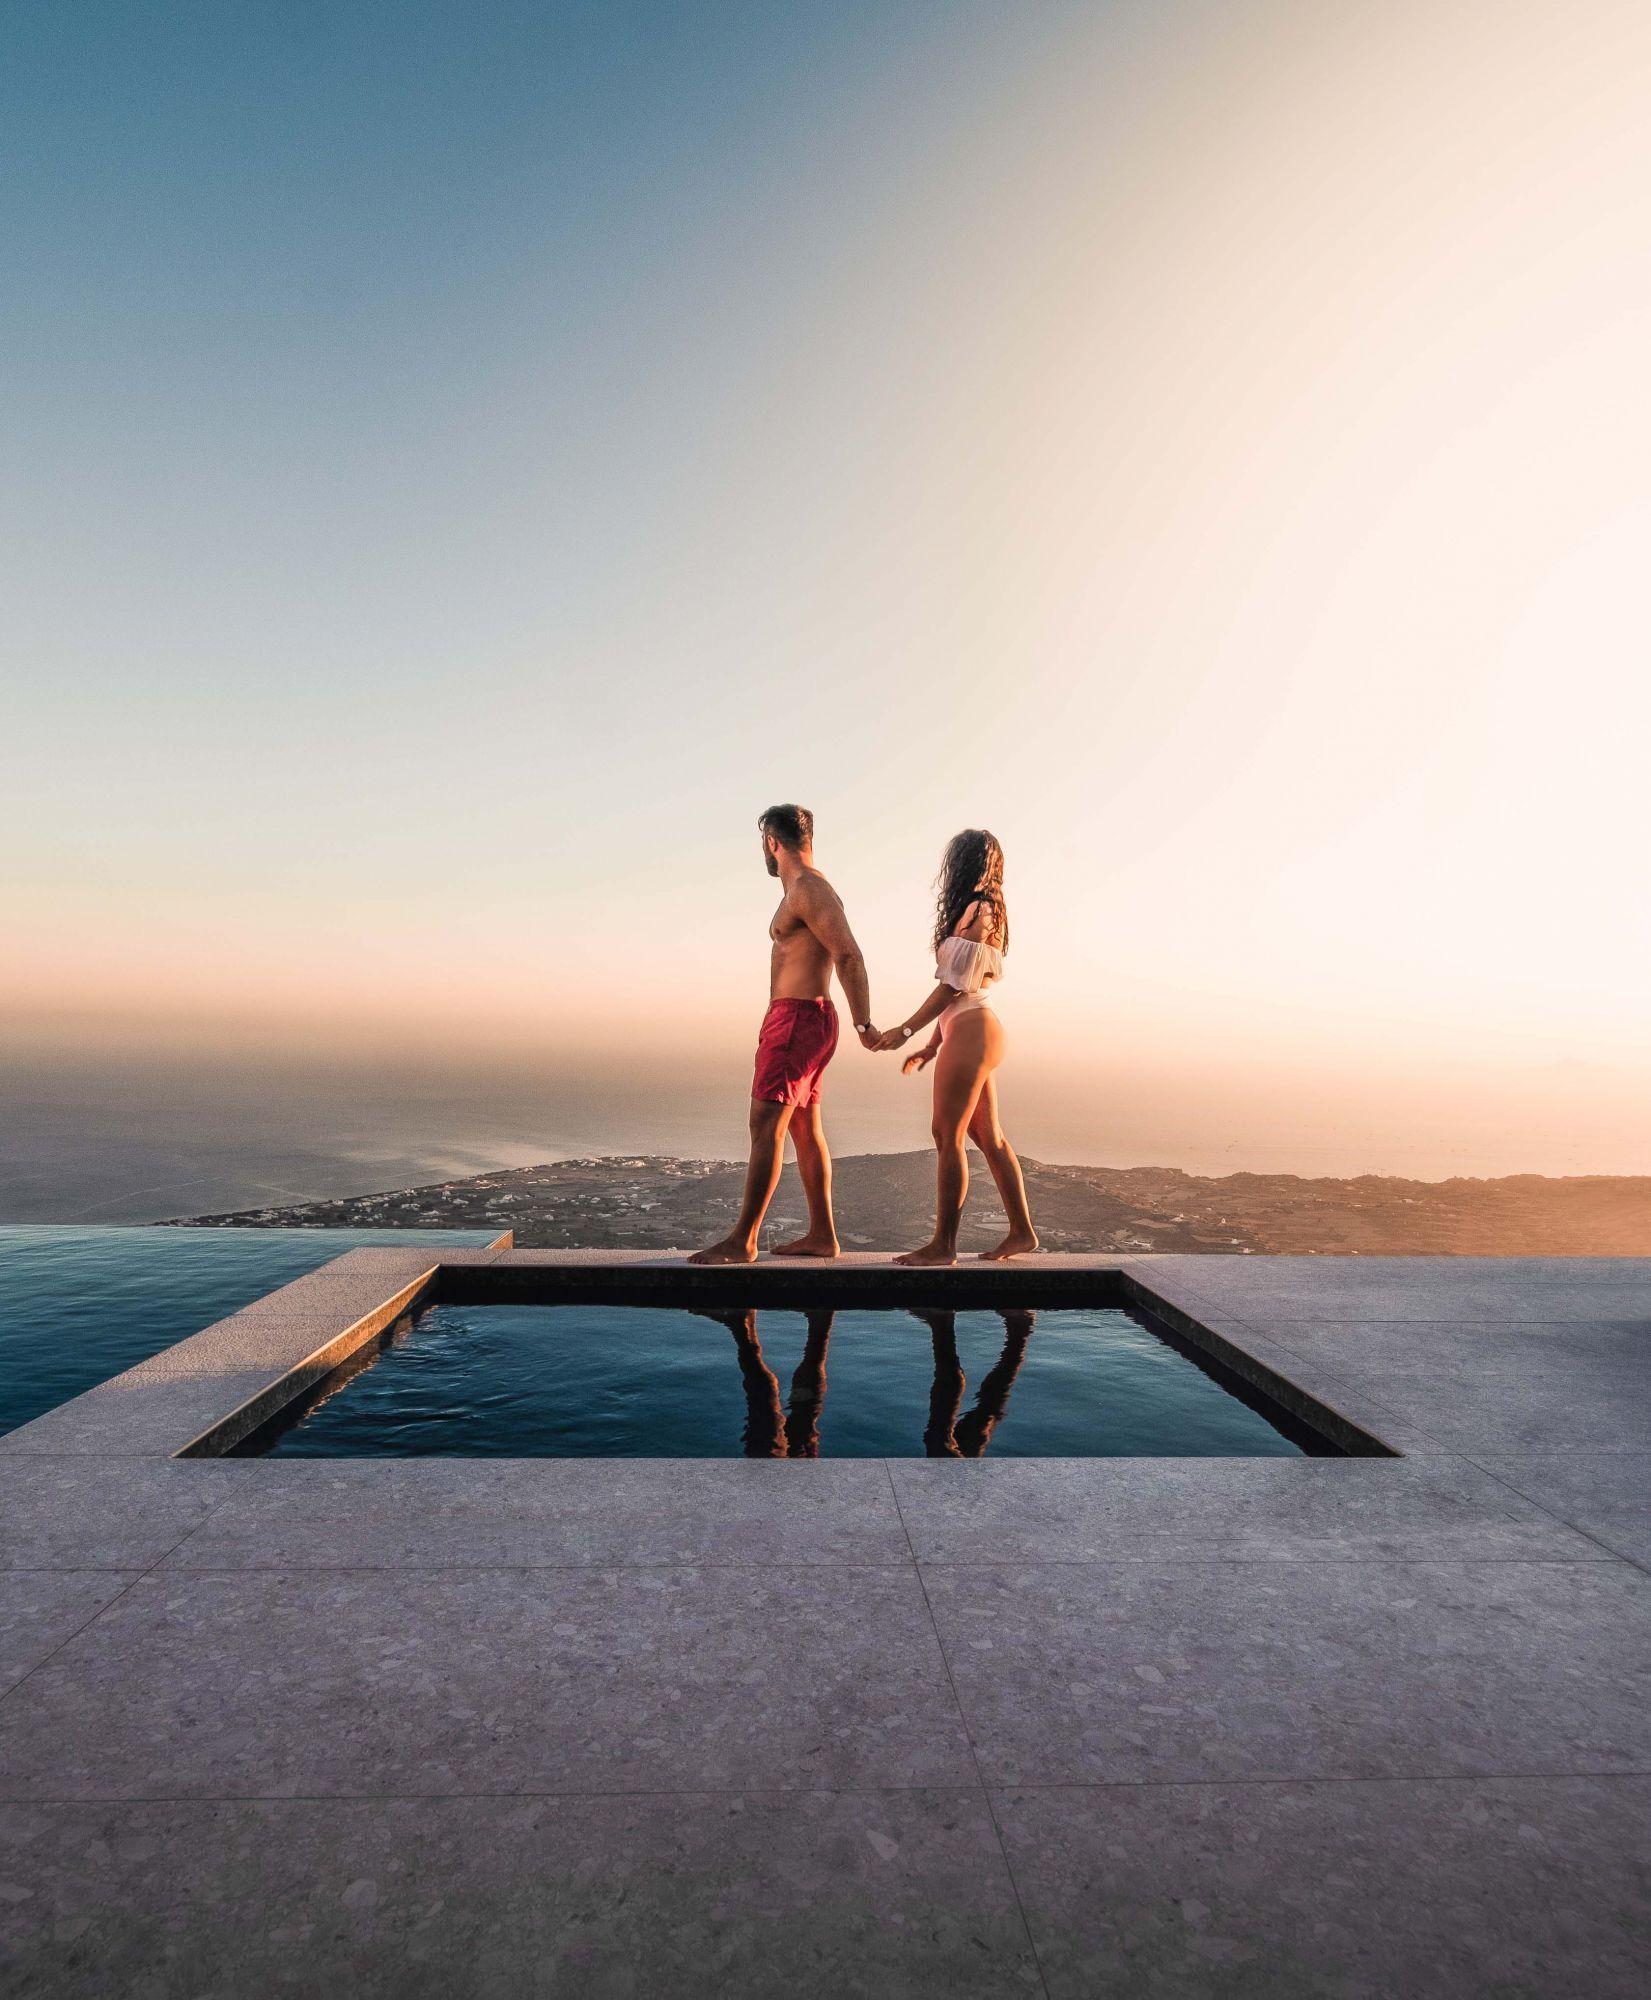 Το Santorini Sky έχει την υψηλότερη πισίνα υπερχείλισης σε ολόκληρο το νησί (ευγενική προσφορά του Santorini Sky)